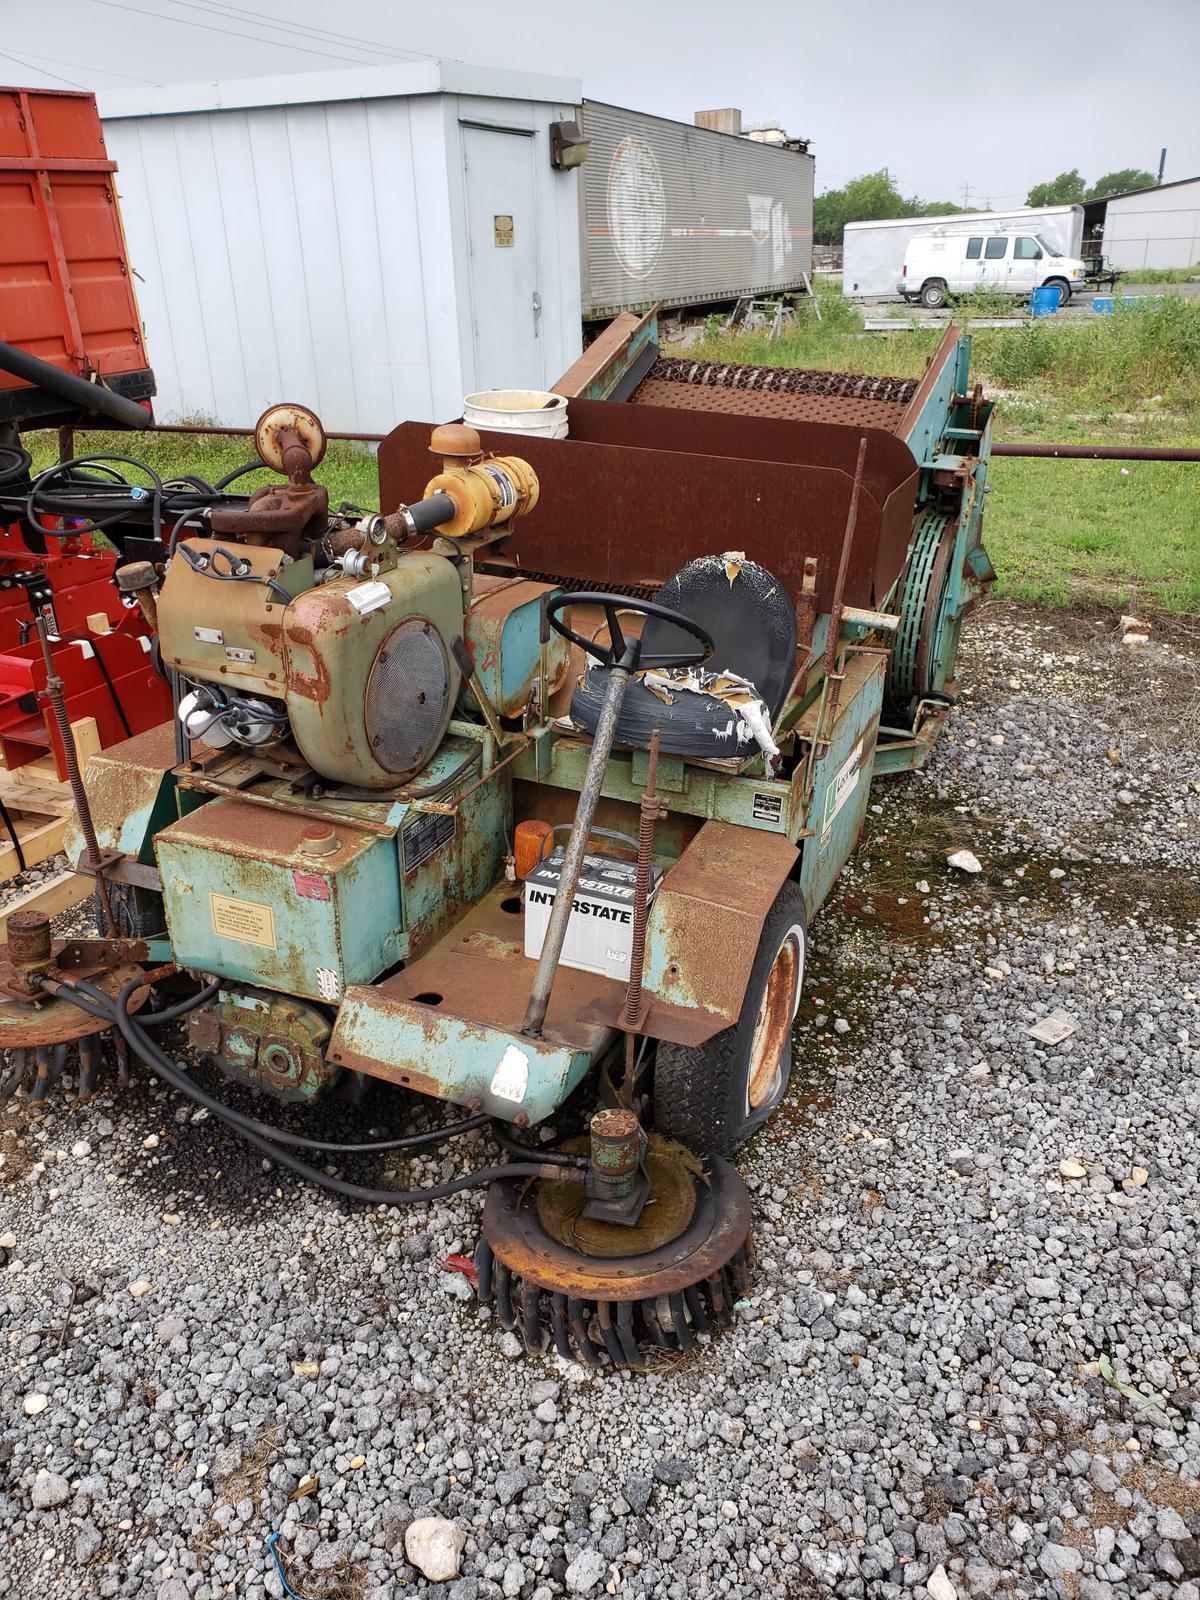 Inventory from Mahindra, Shaver, Hesston, LS Tractor, Kubota